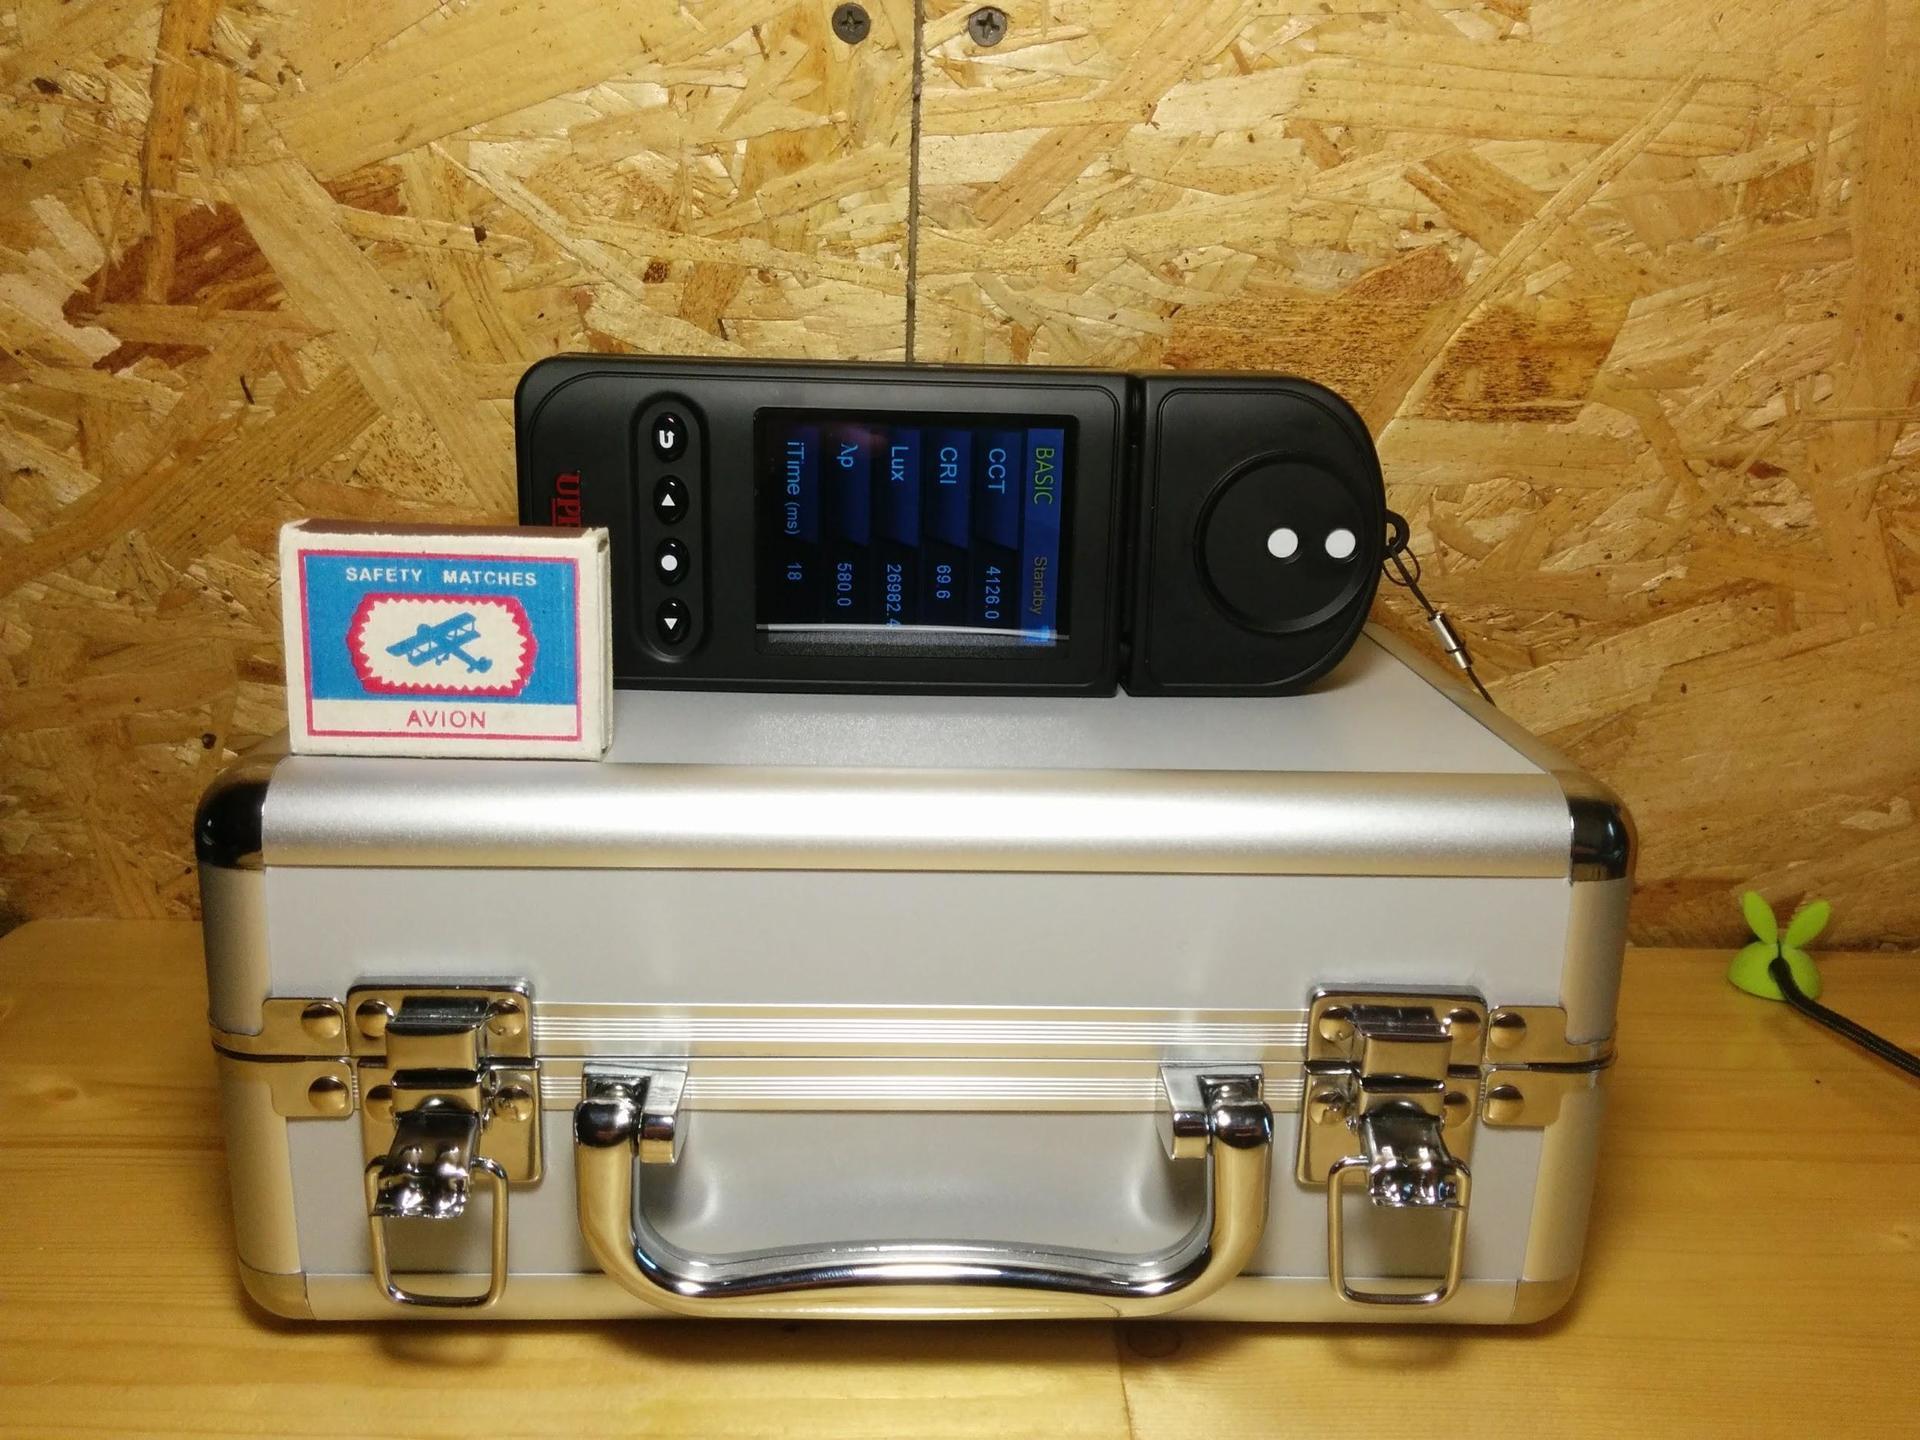 Термоленты с классом защиты IP68. Годятся для света в бане - 6